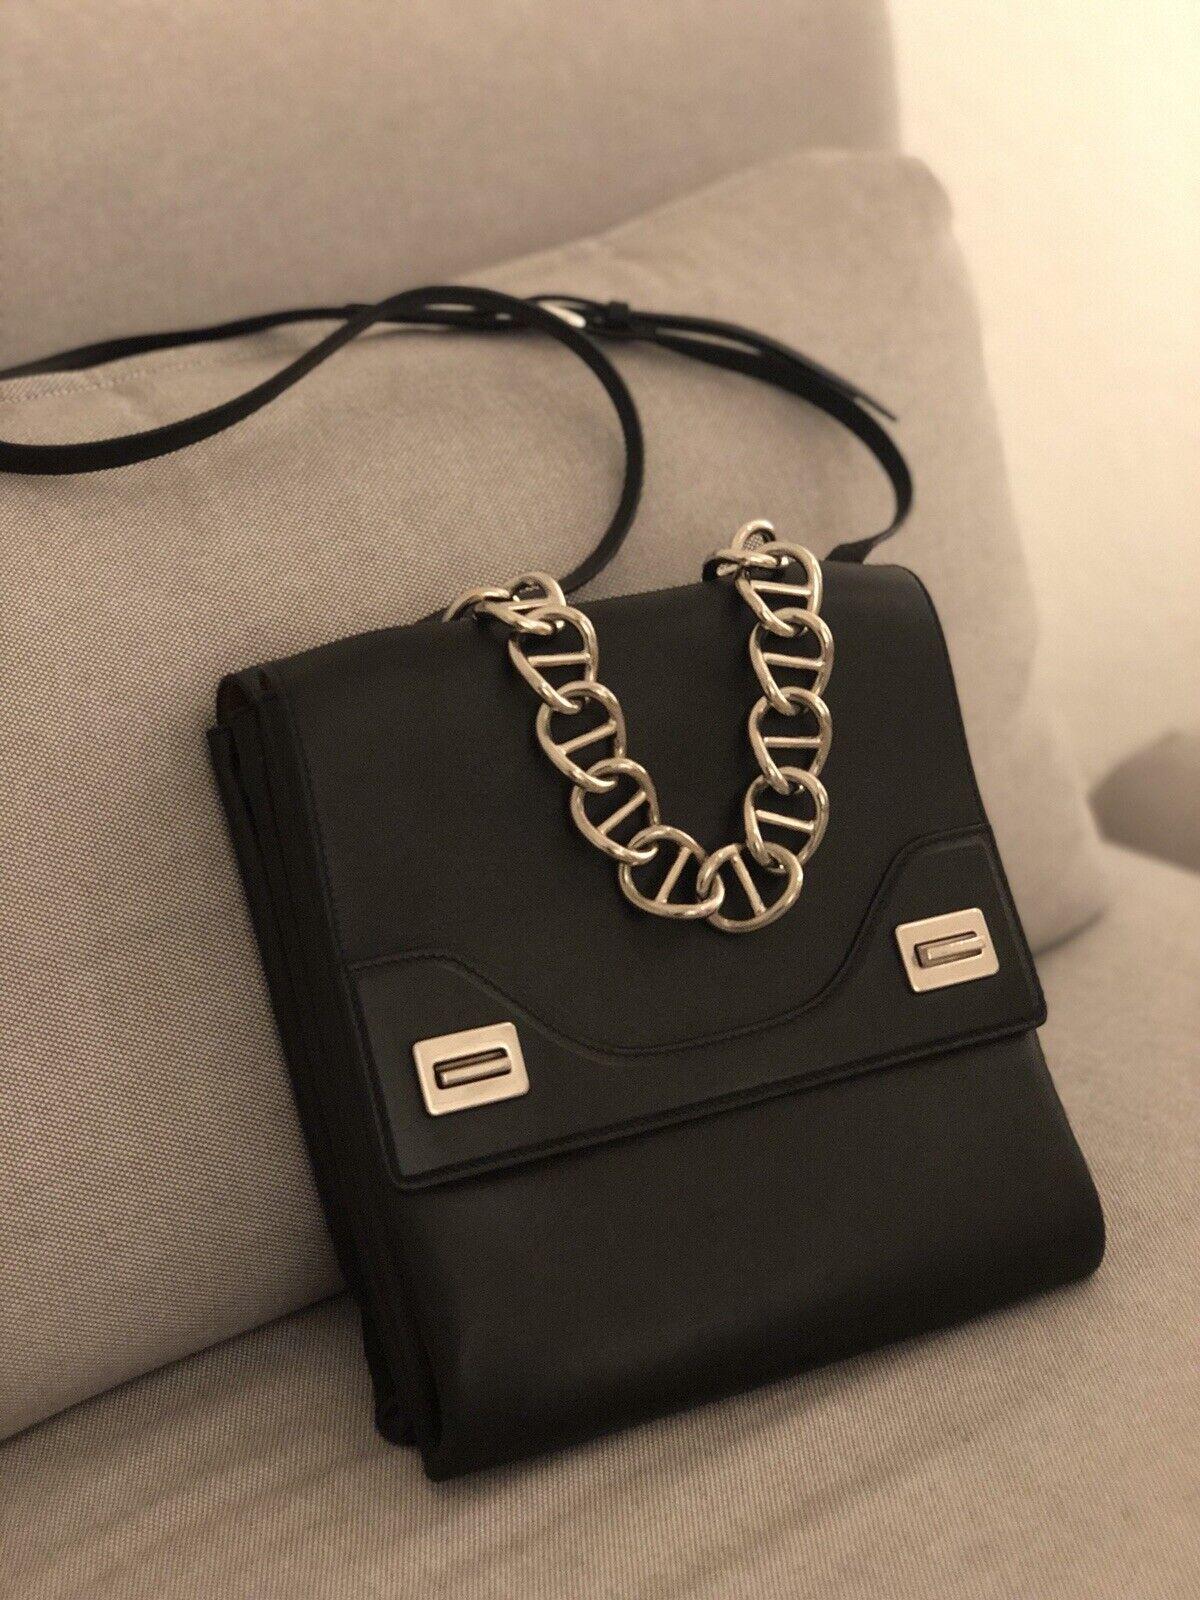 PRADA Tasche schwarzes schwarzes schwarzes zeitloses und edles Leder | Attraktiv Und Langlebig  | Jeder beschriebene Artikel ist verfügbar  | Elegant und feierlich  e4871a